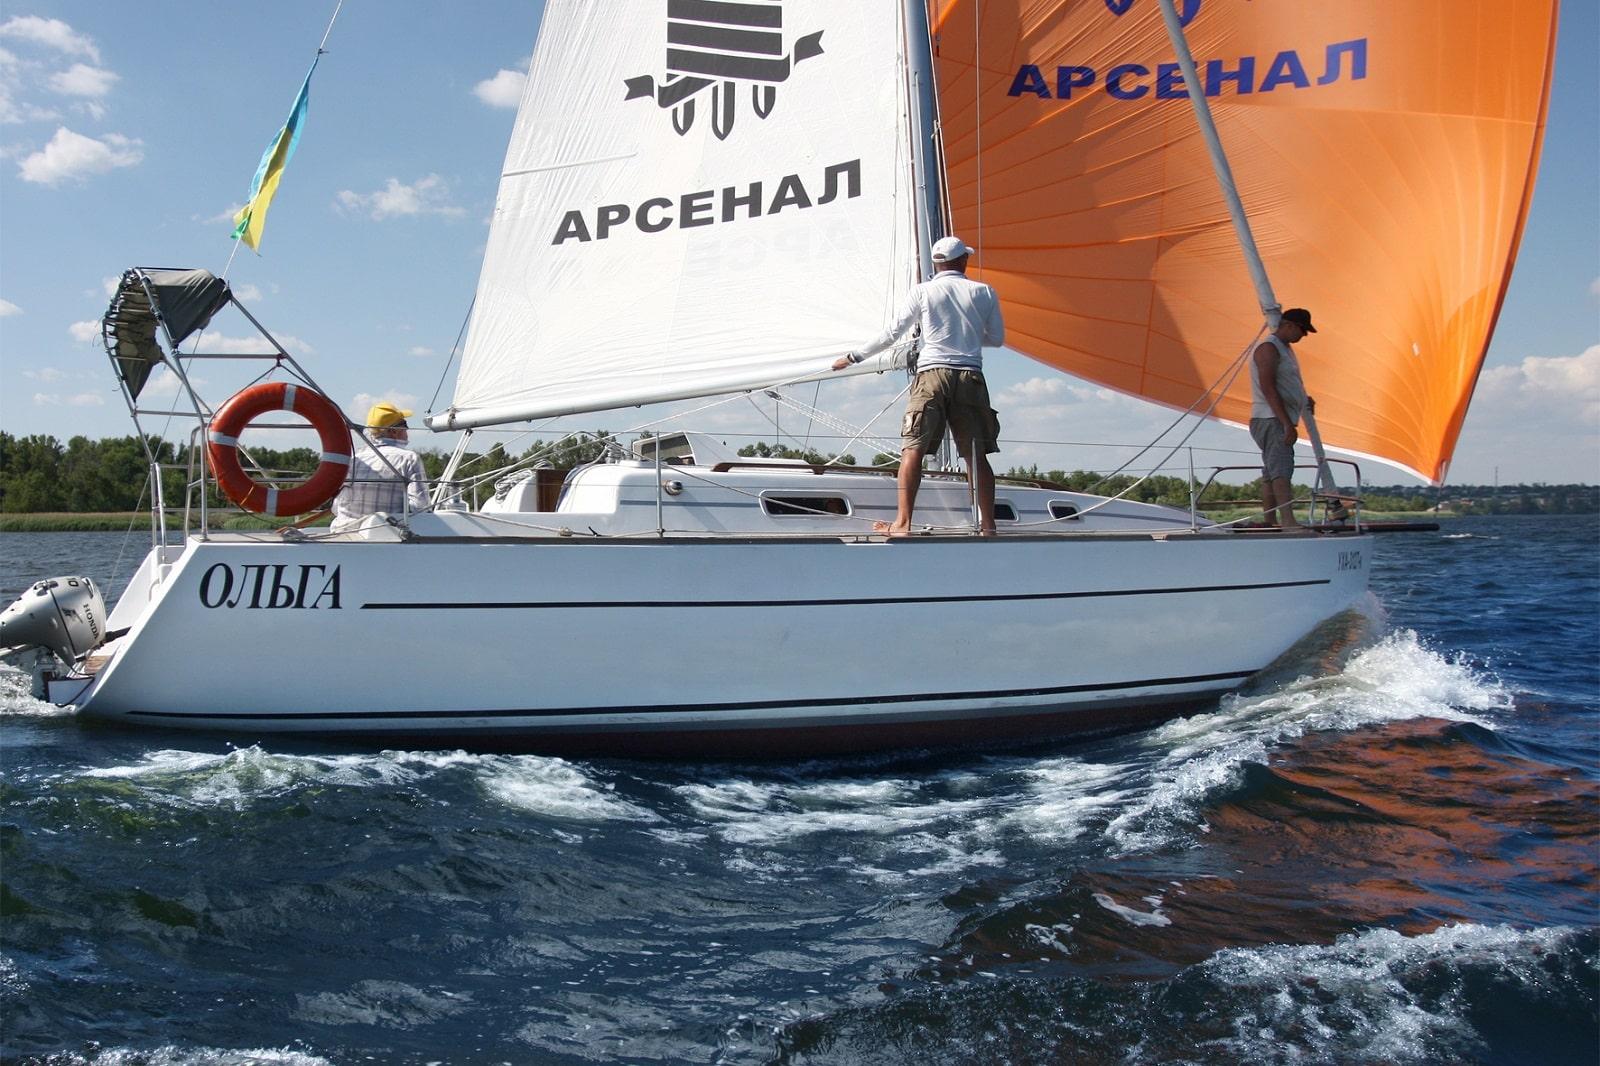 Управление яхтой Ольгой